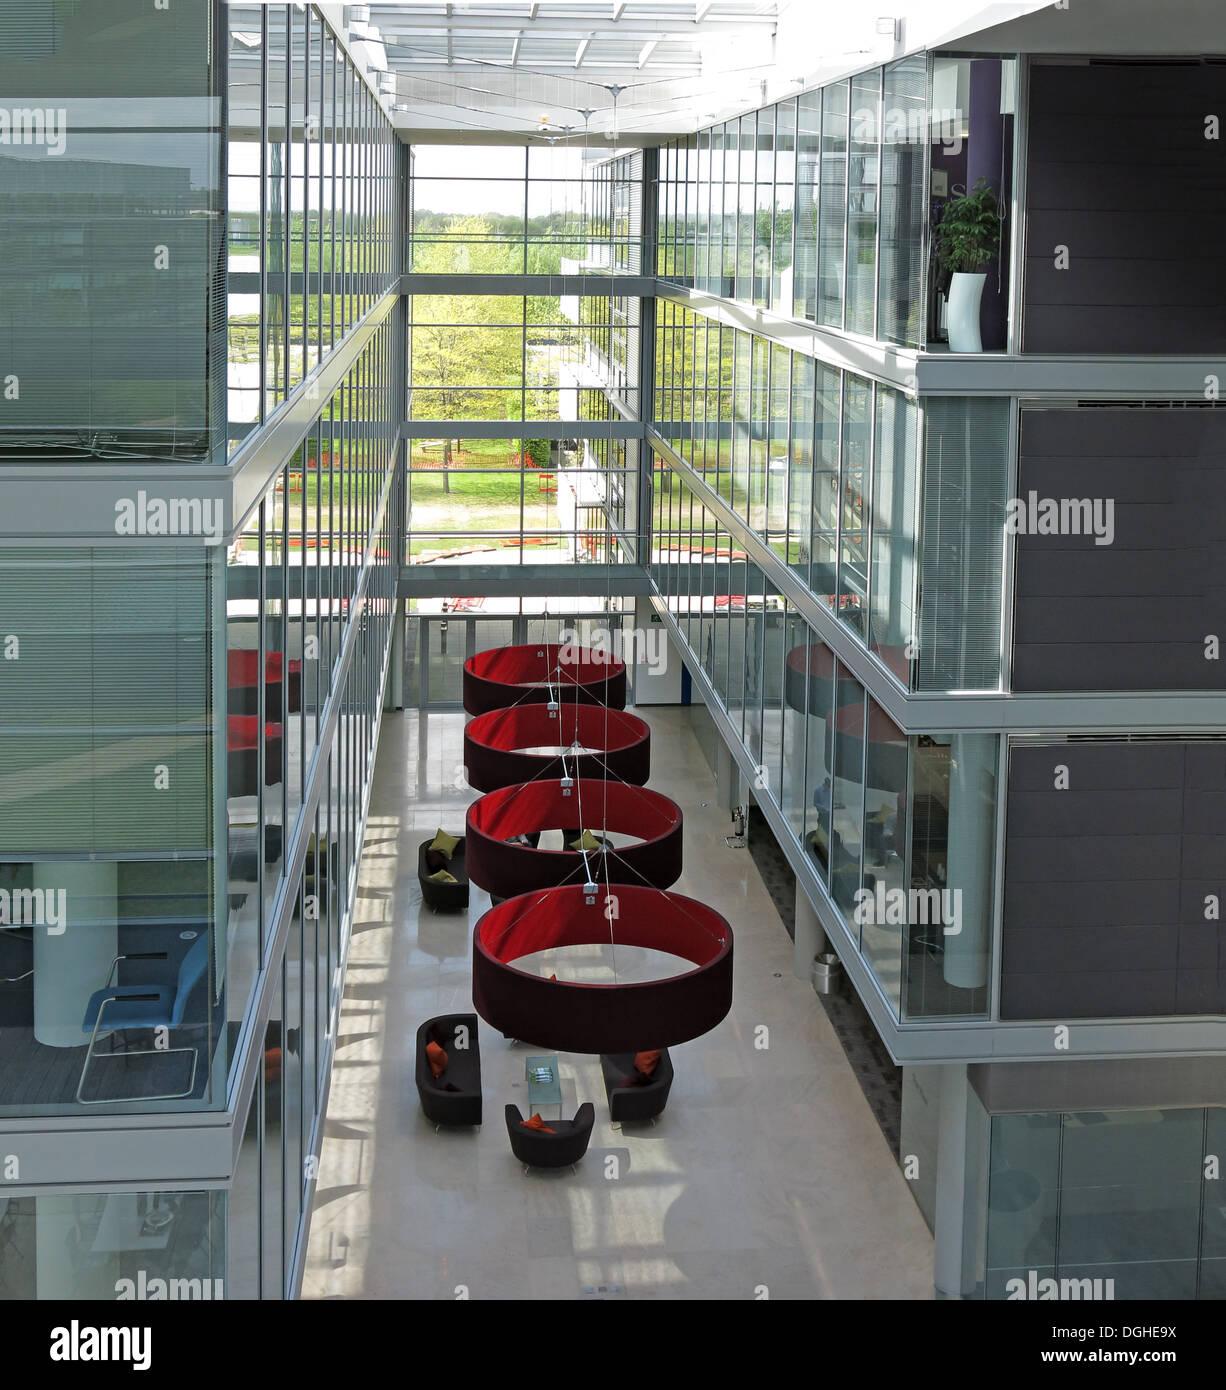 Laden Sie dieses Alamy Stockfoto Glas-Büro-Innenraum des Gebäudes, Green Park Reading, UK - DGHE9X